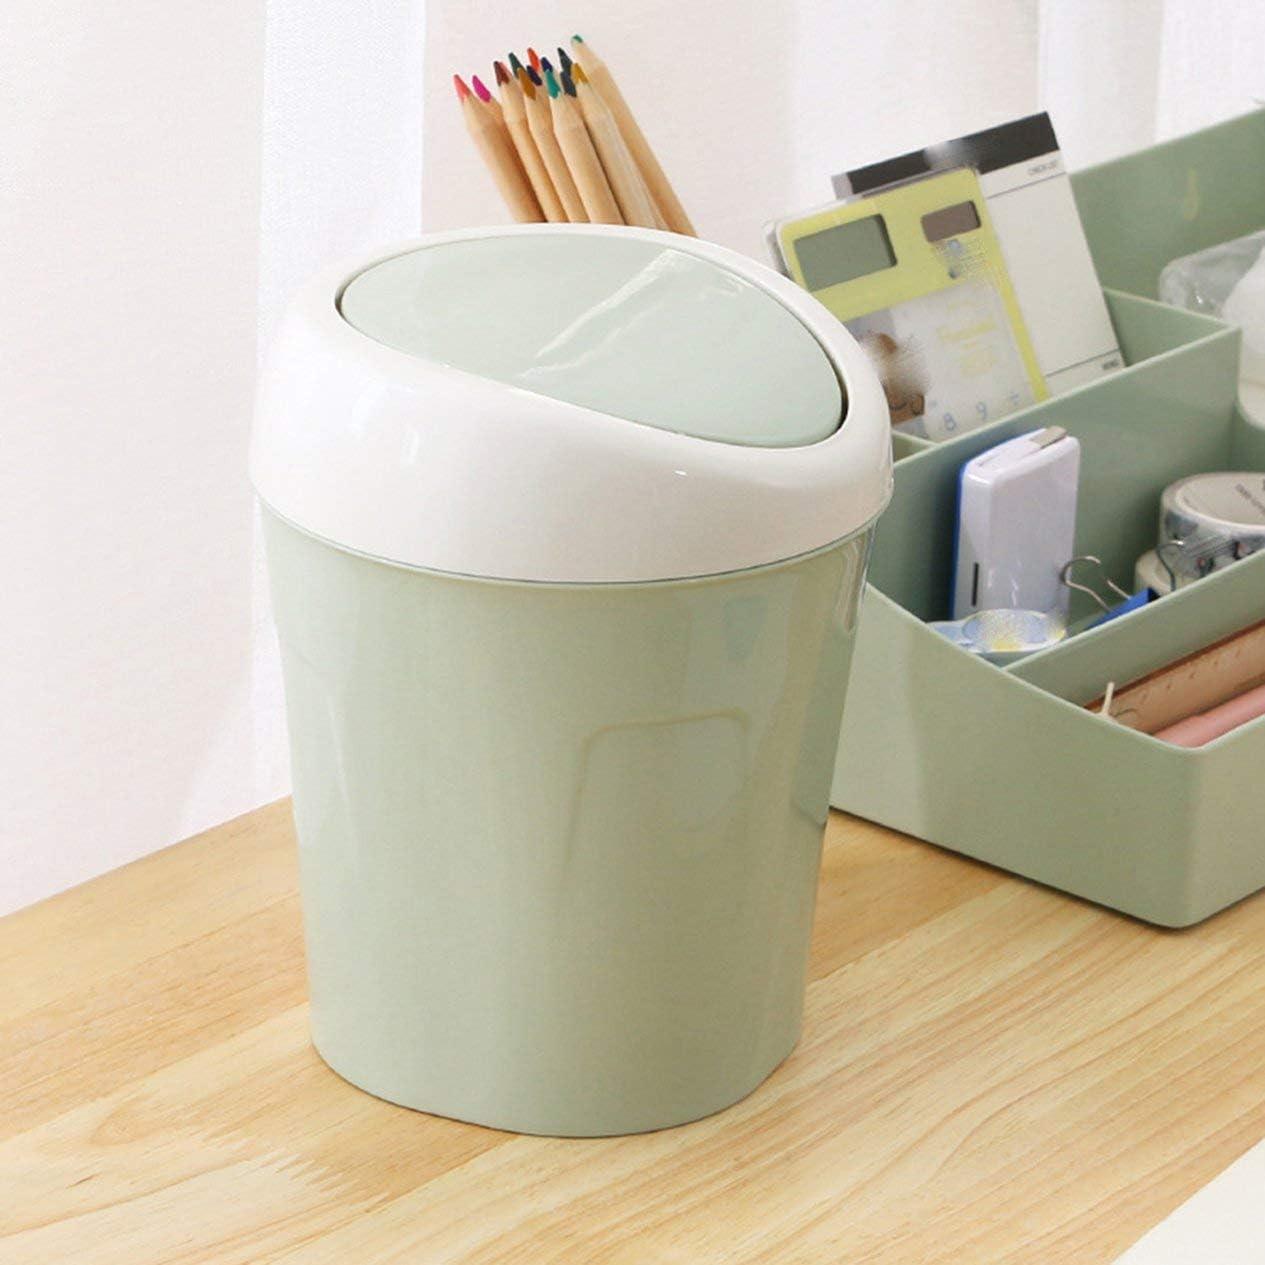 IronHeel Poubelle De Stockage avec Couvercle Poubelle De Bureau Mini Maison Salon Table Flip Poubelle Mode Petit Frais Vert